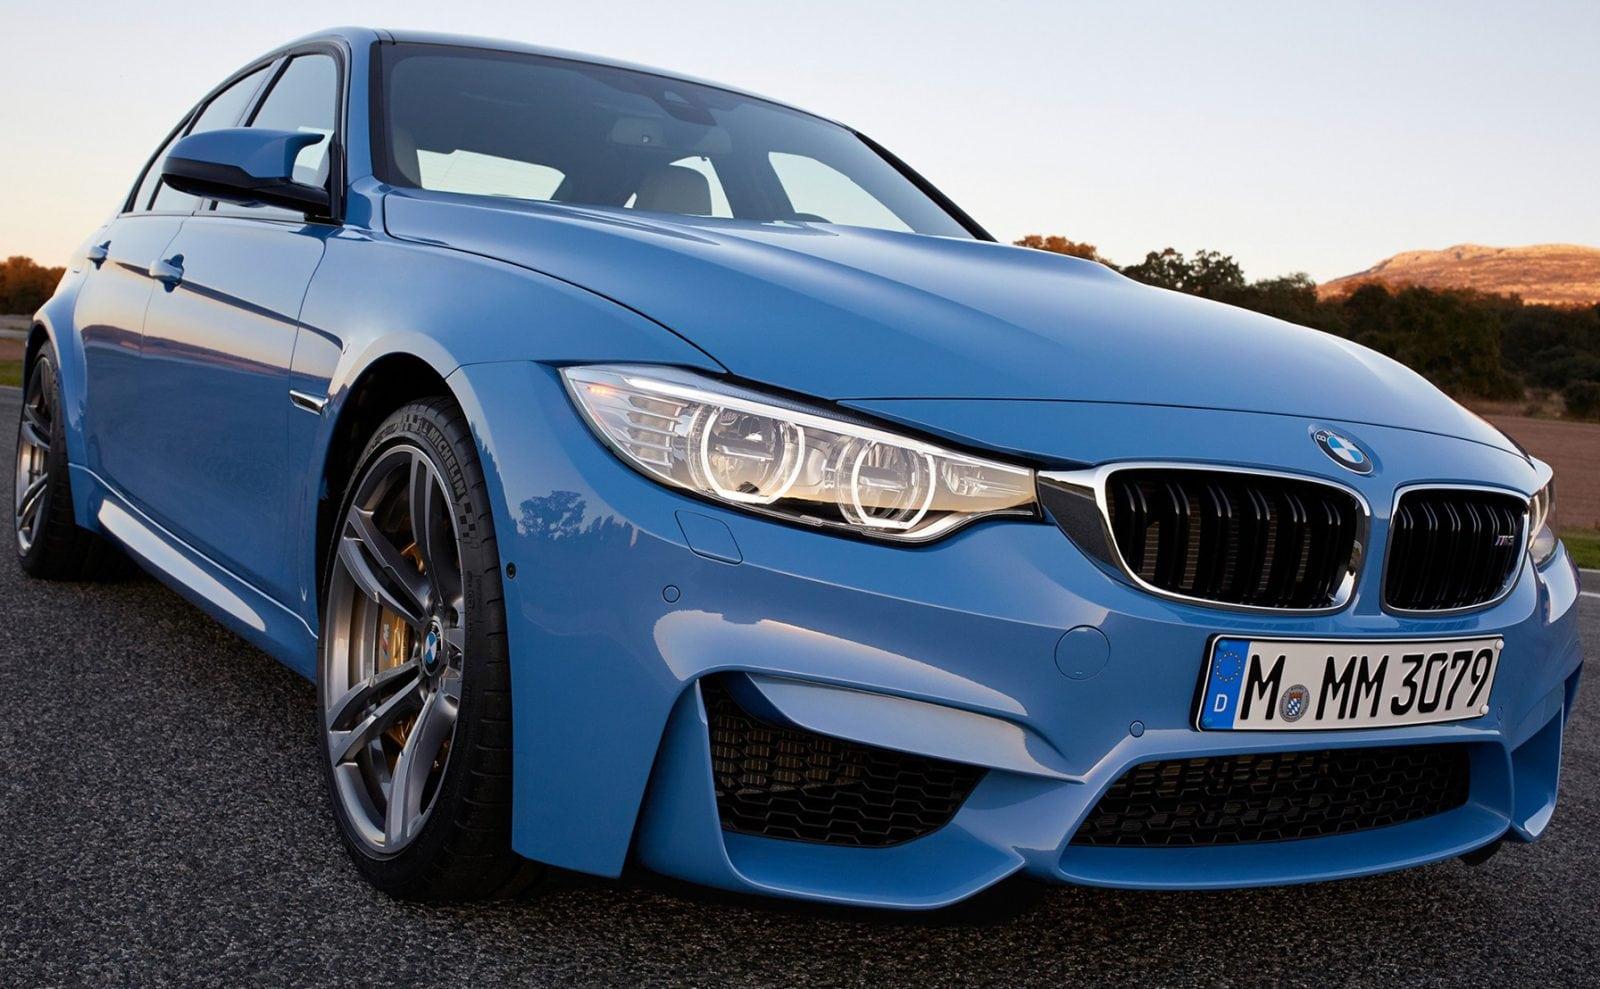 30 лет BMW 3 серии: шестое поколение в кузове F30